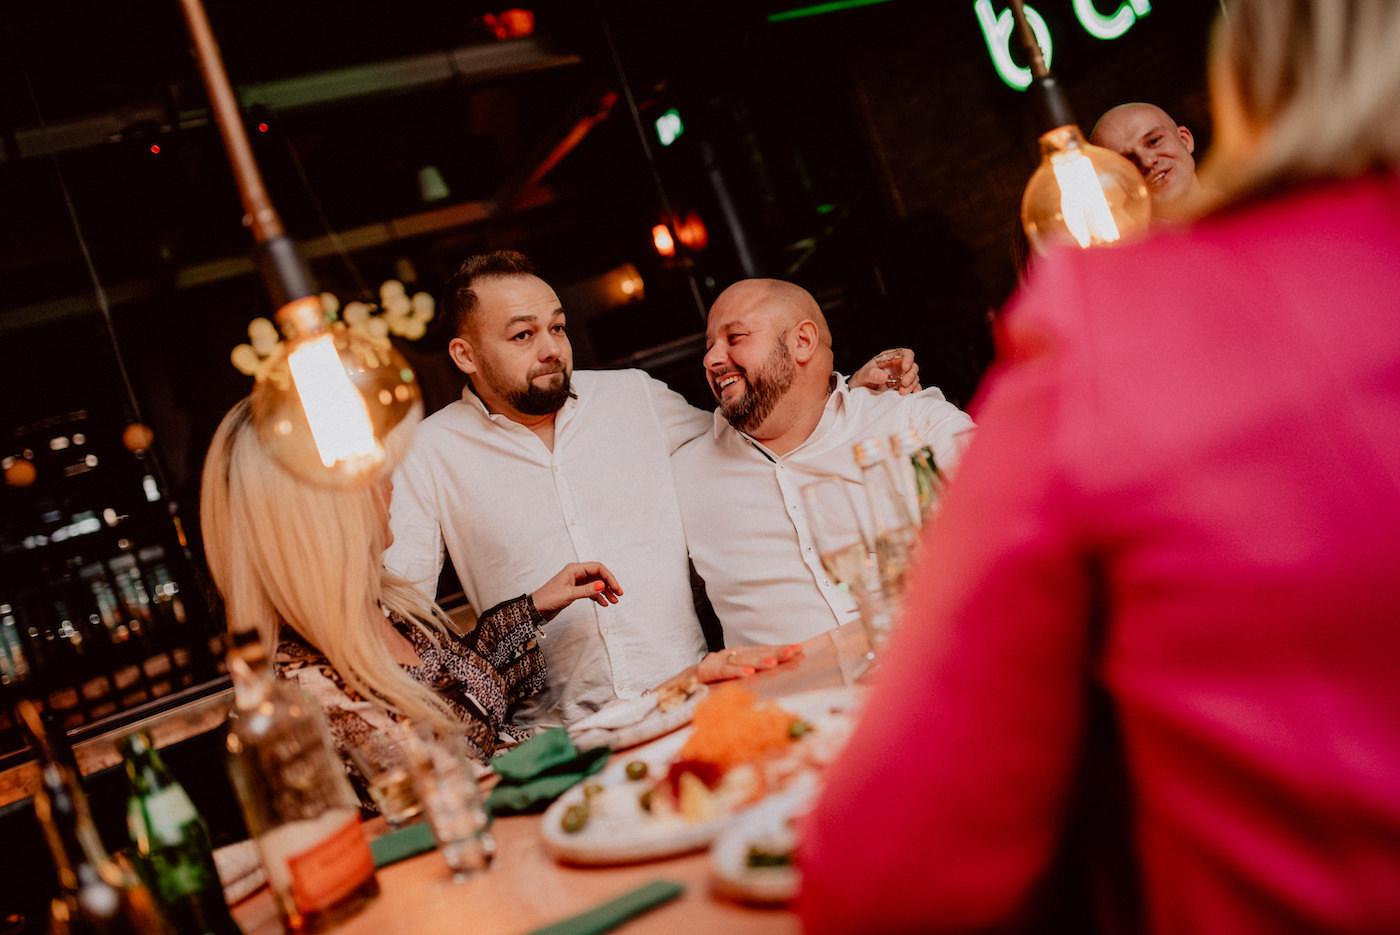 fotograf na urodziny syreni spiew warszawa urbanflavour 4 - Urbanflavour.pl